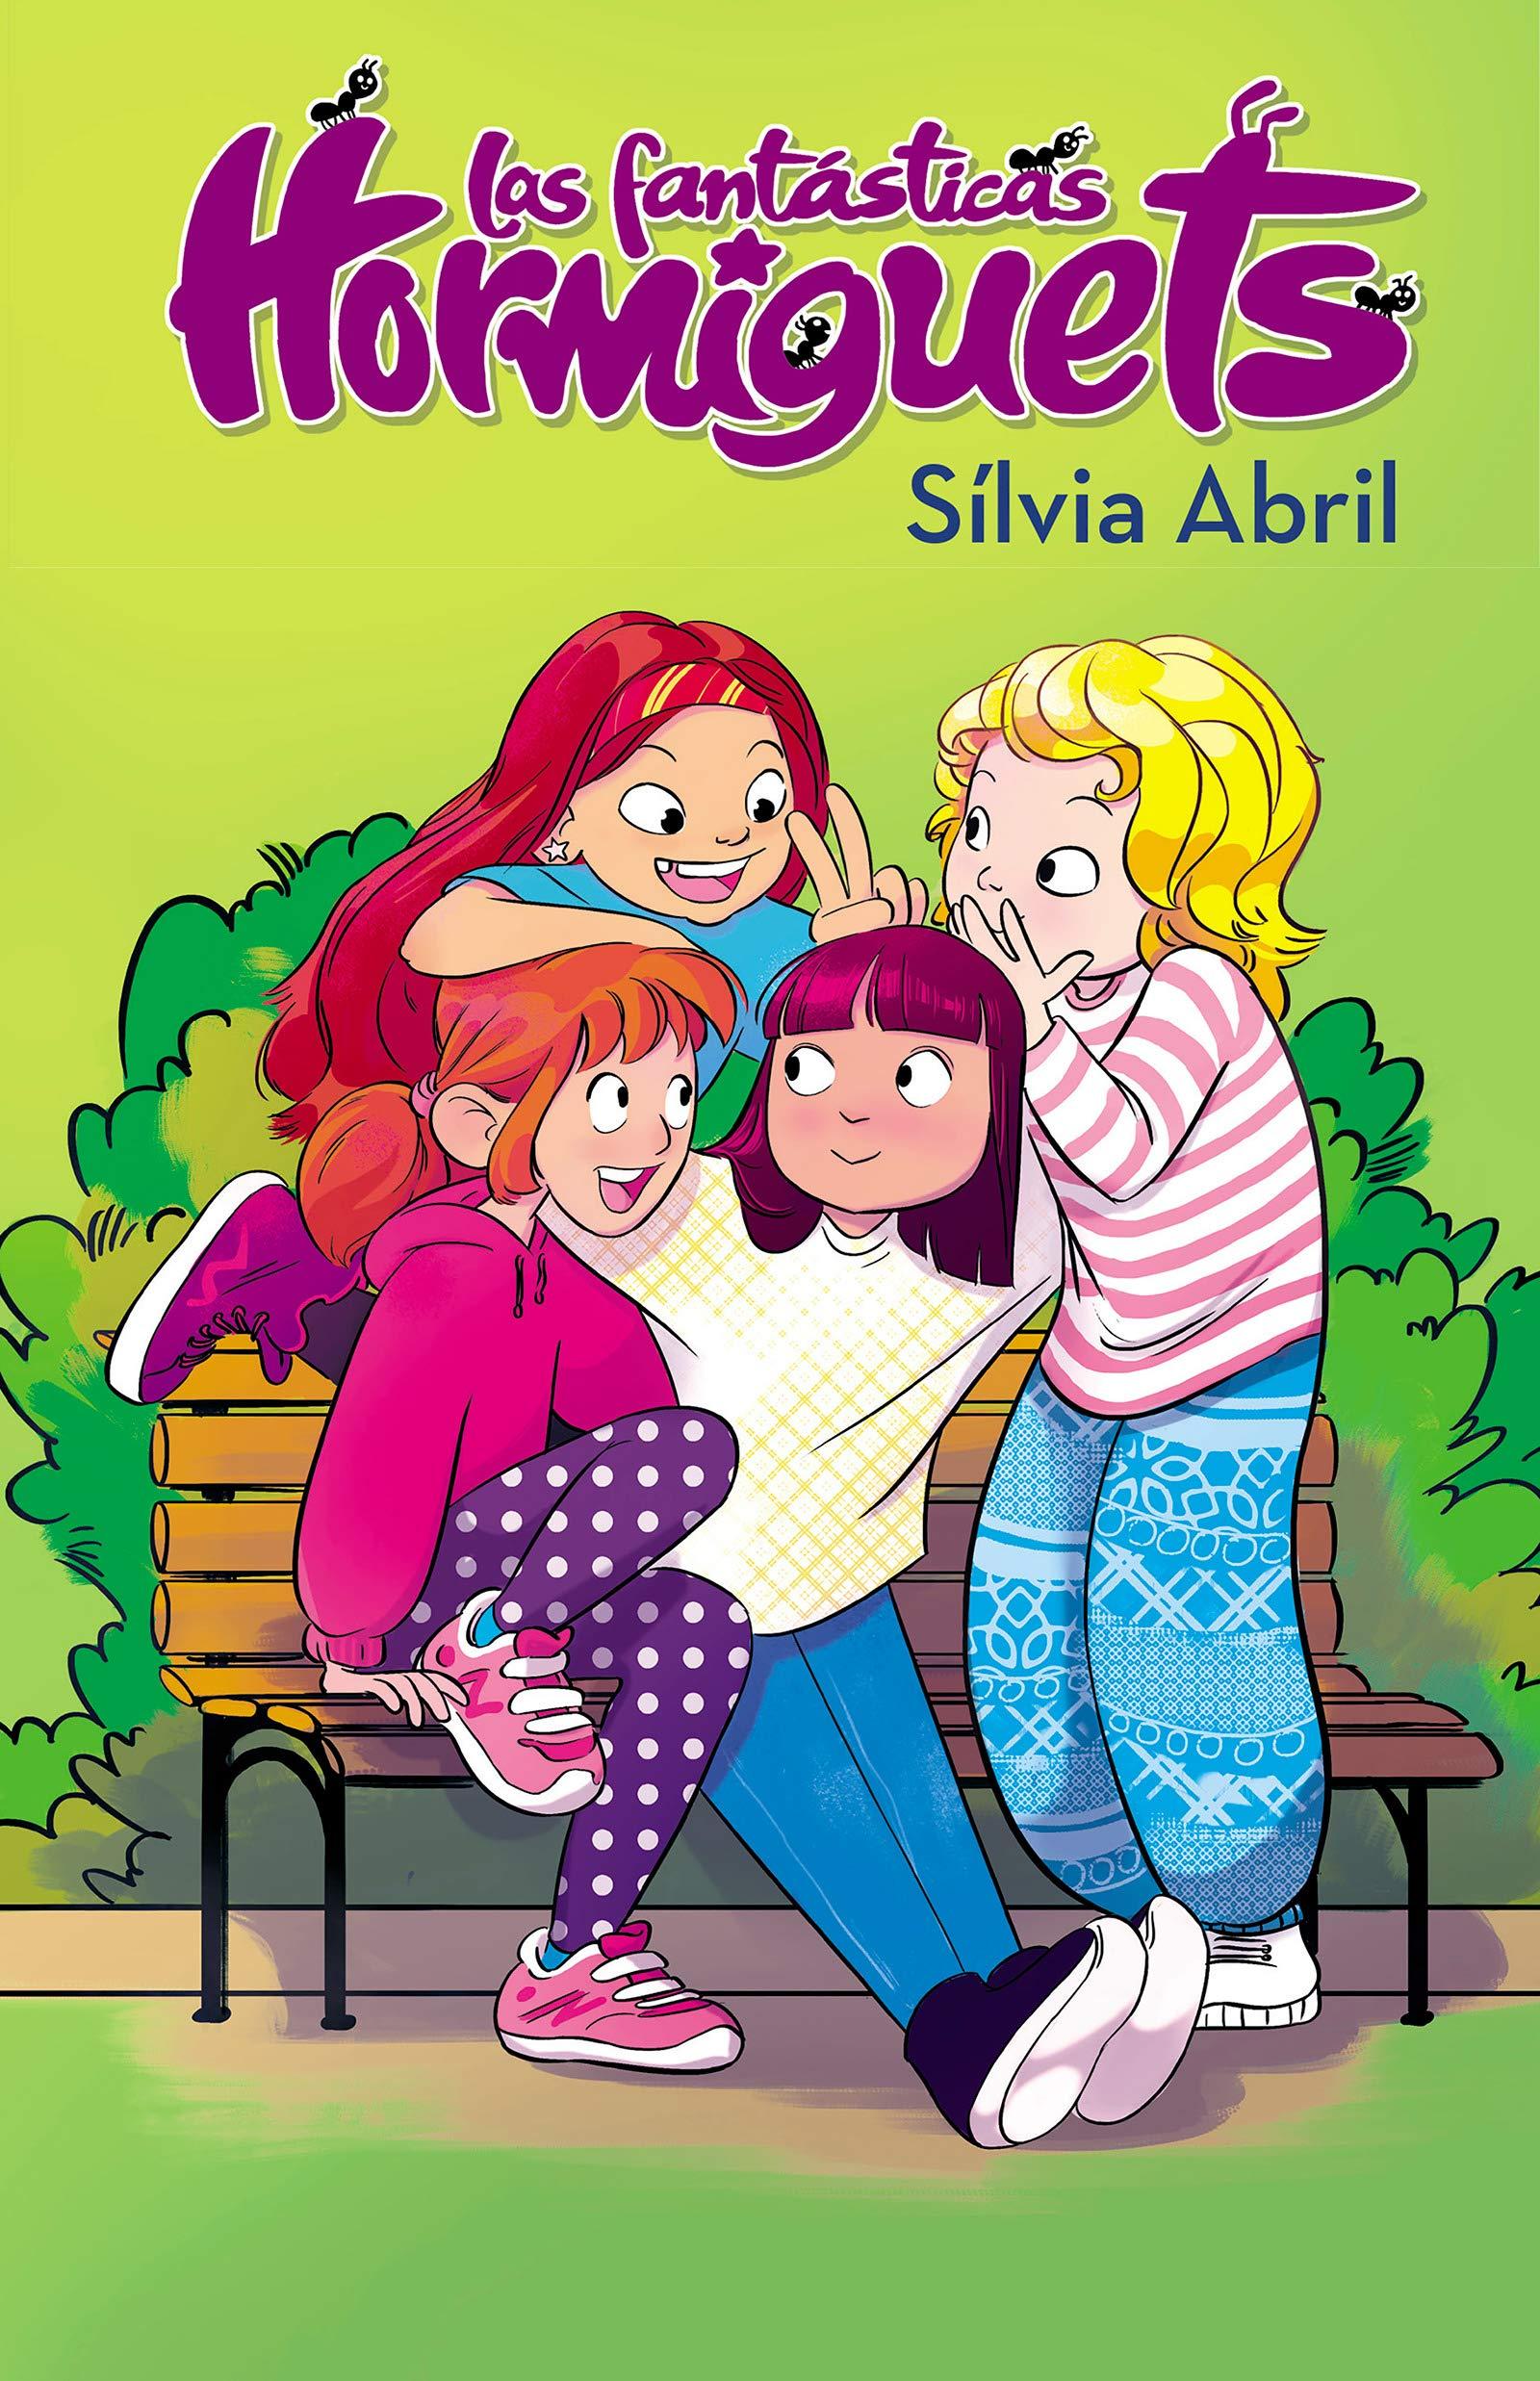 Las fantásticas Hormiguets Las Fantásticas Hormiguets 1: Amazon.es: Abril, Sílvia: Libros